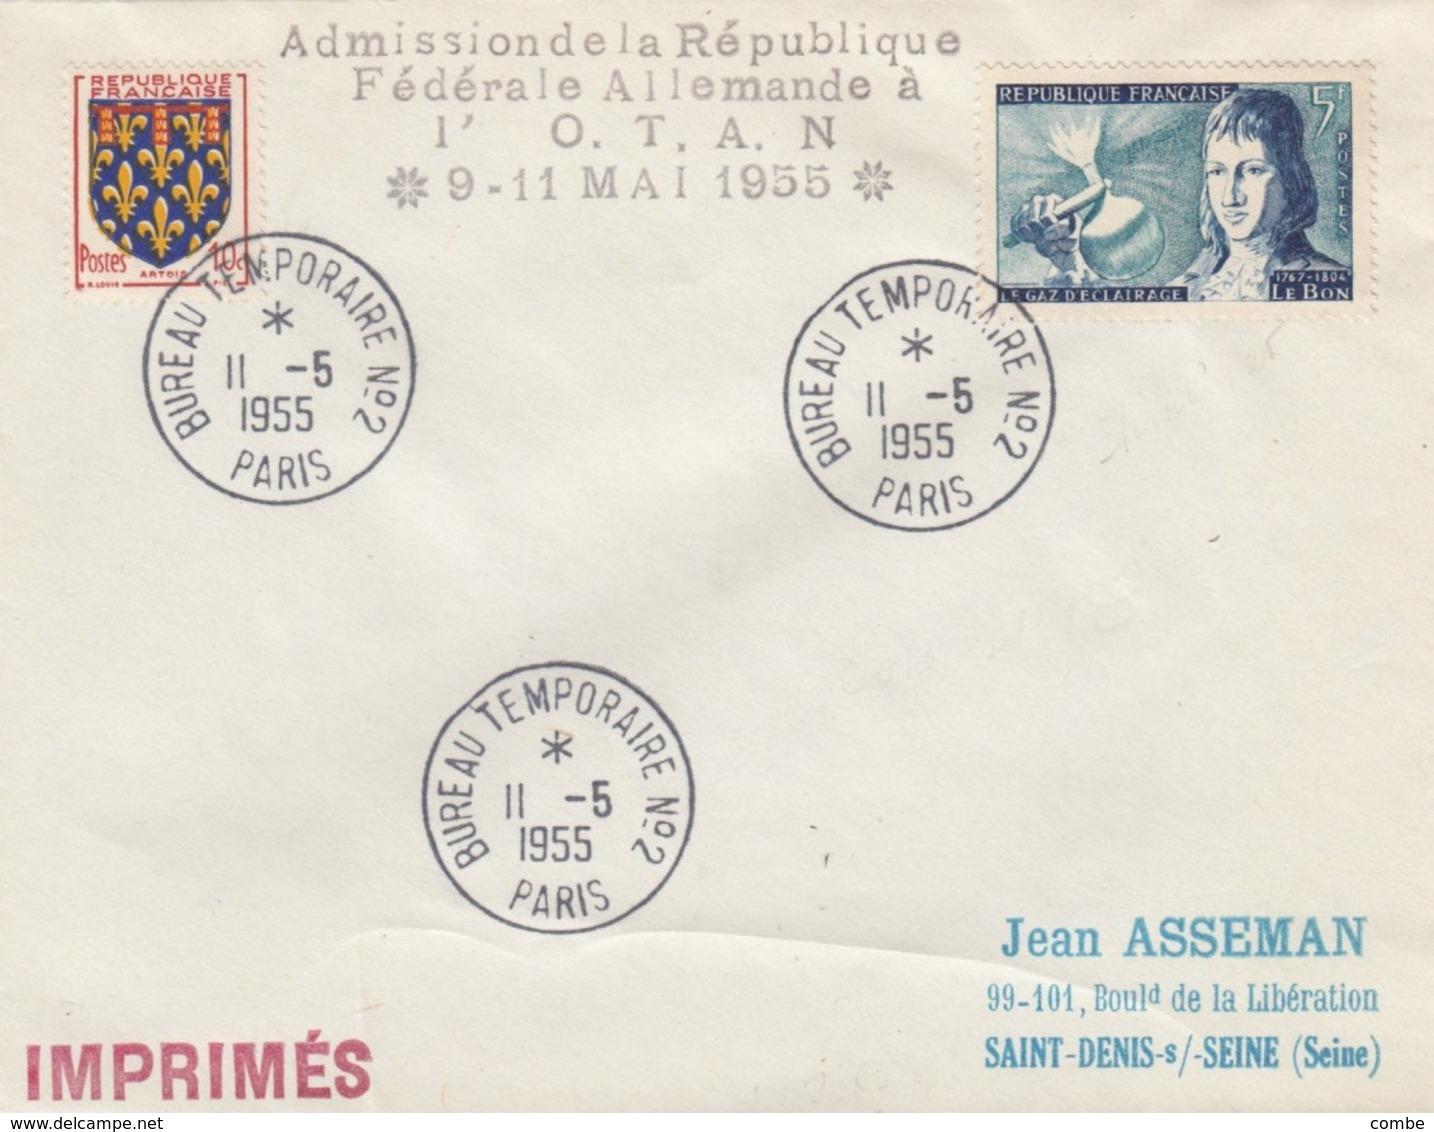 LETTRE. 11 5 55. PARIS BUREAU TEMPORAIRE N° 2. ADMISSION DE LA RFA A L'OTAN - Poststempel (Briefe)